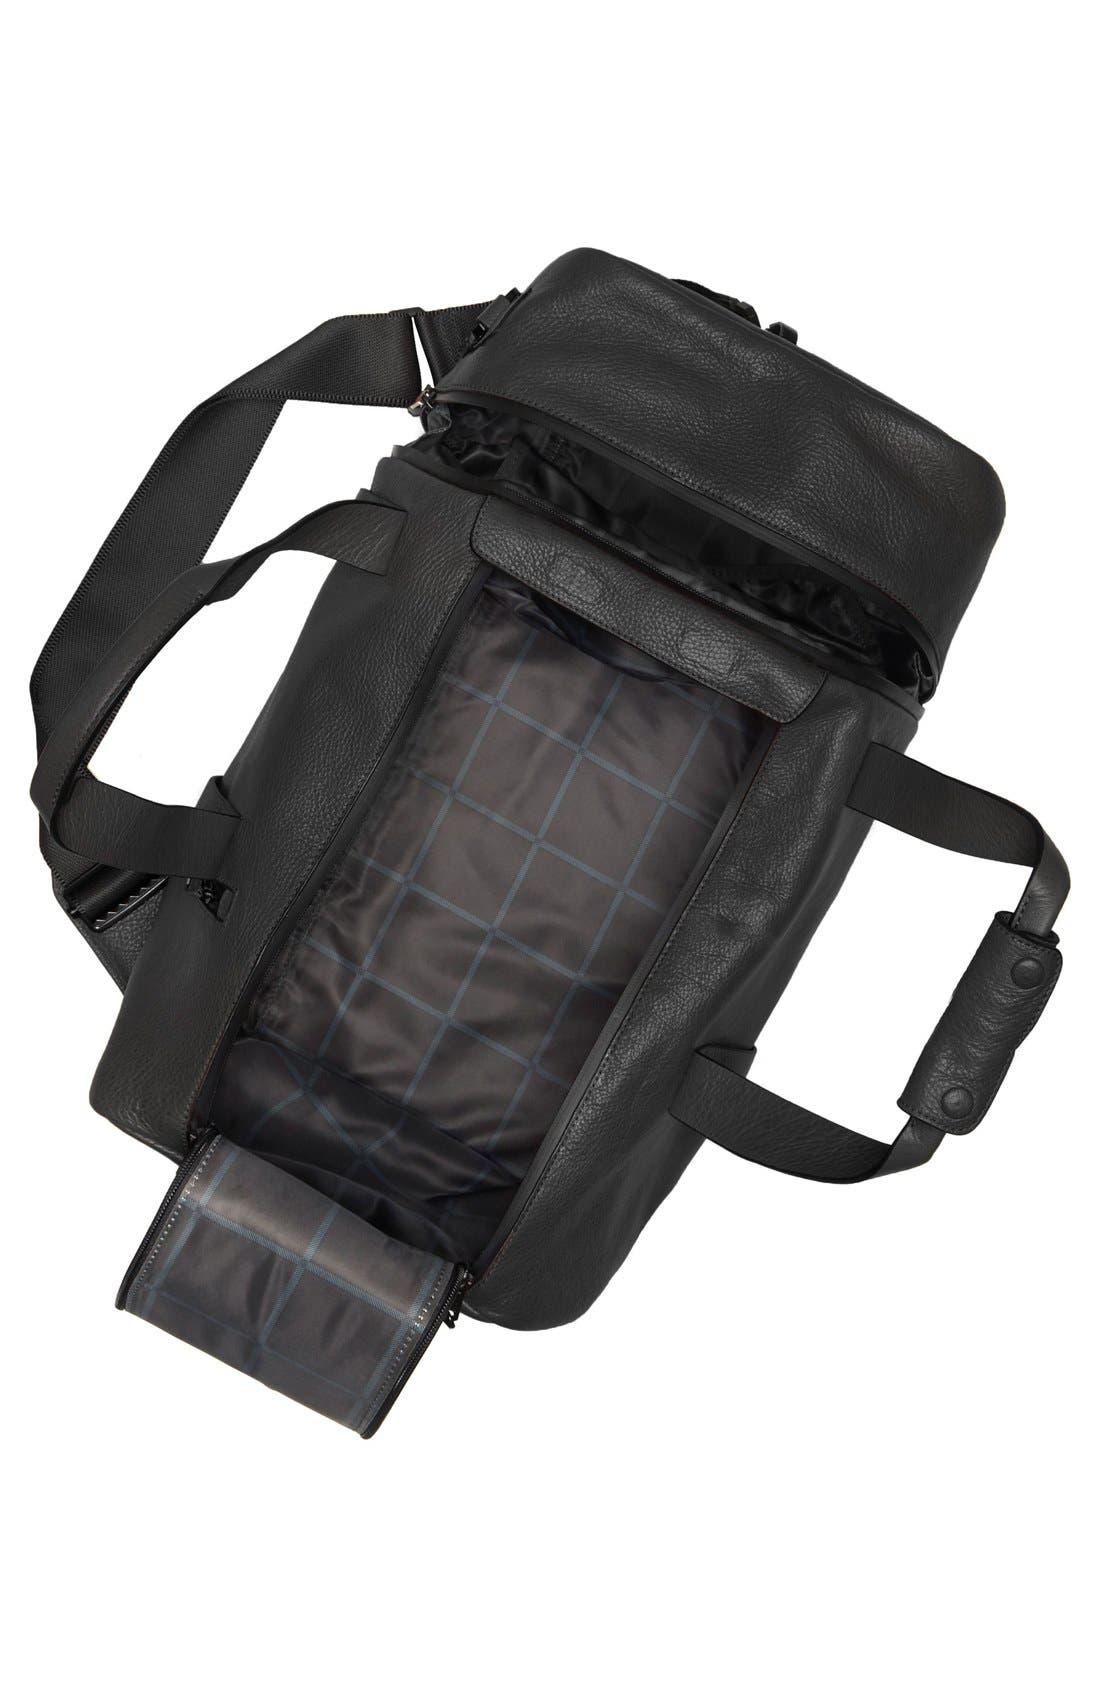 'Mestr' Leather & Suede Duffel Bag,                             Alternate thumbnail 2, color,                             001